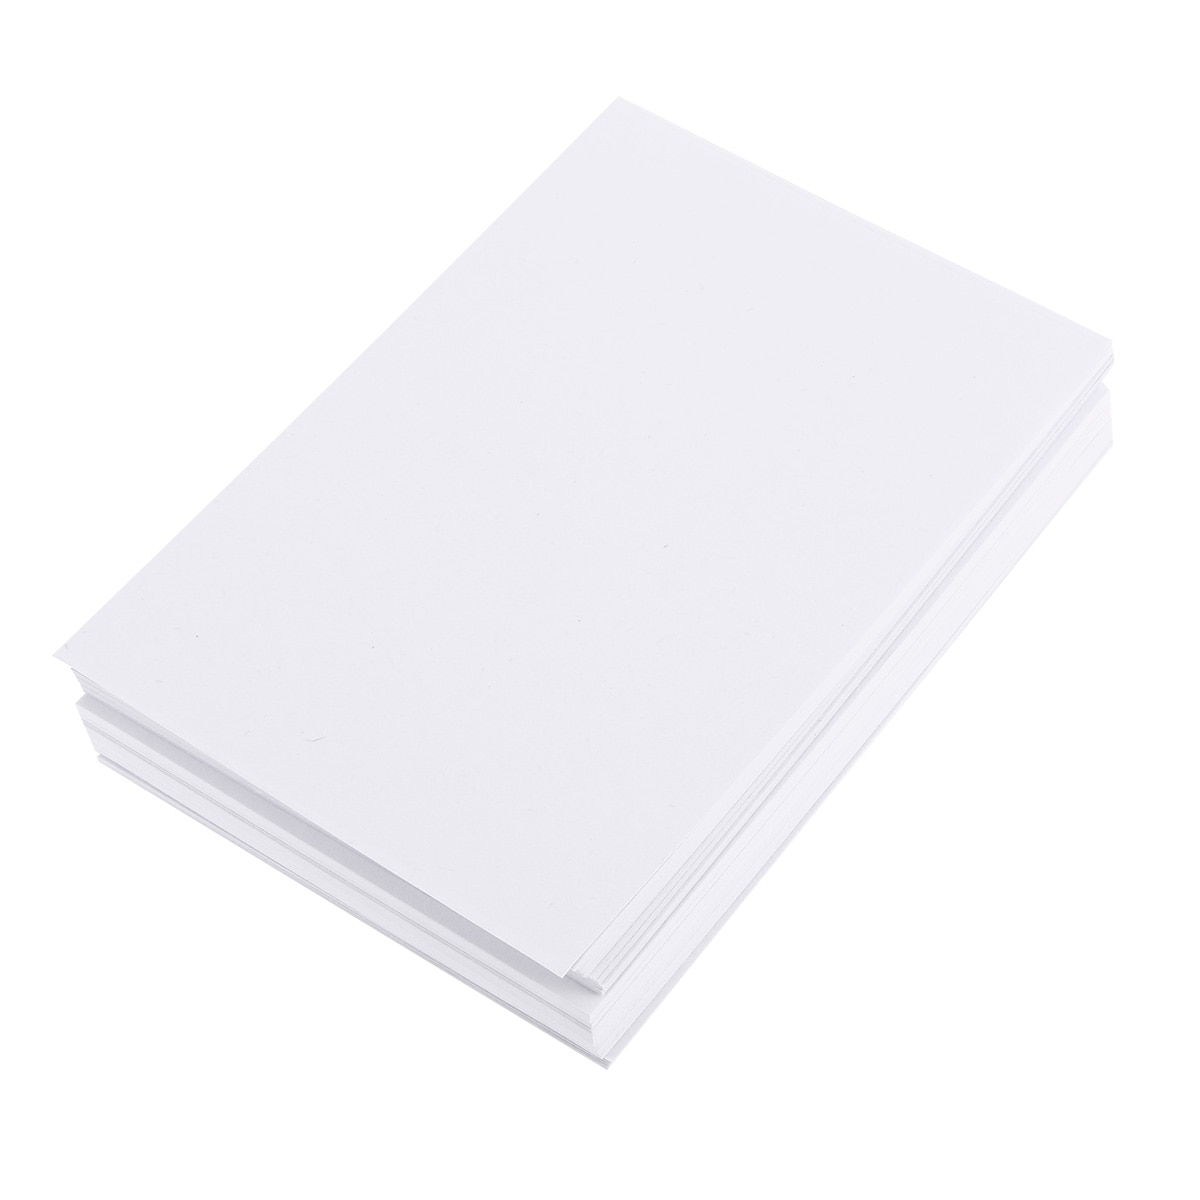 papel-de-acuarela-de-algodon-puro-para-principiantes-suministros-de-arte-de-papel-prensado-en-frio-a-granel-30-hojas-nuevos-productos